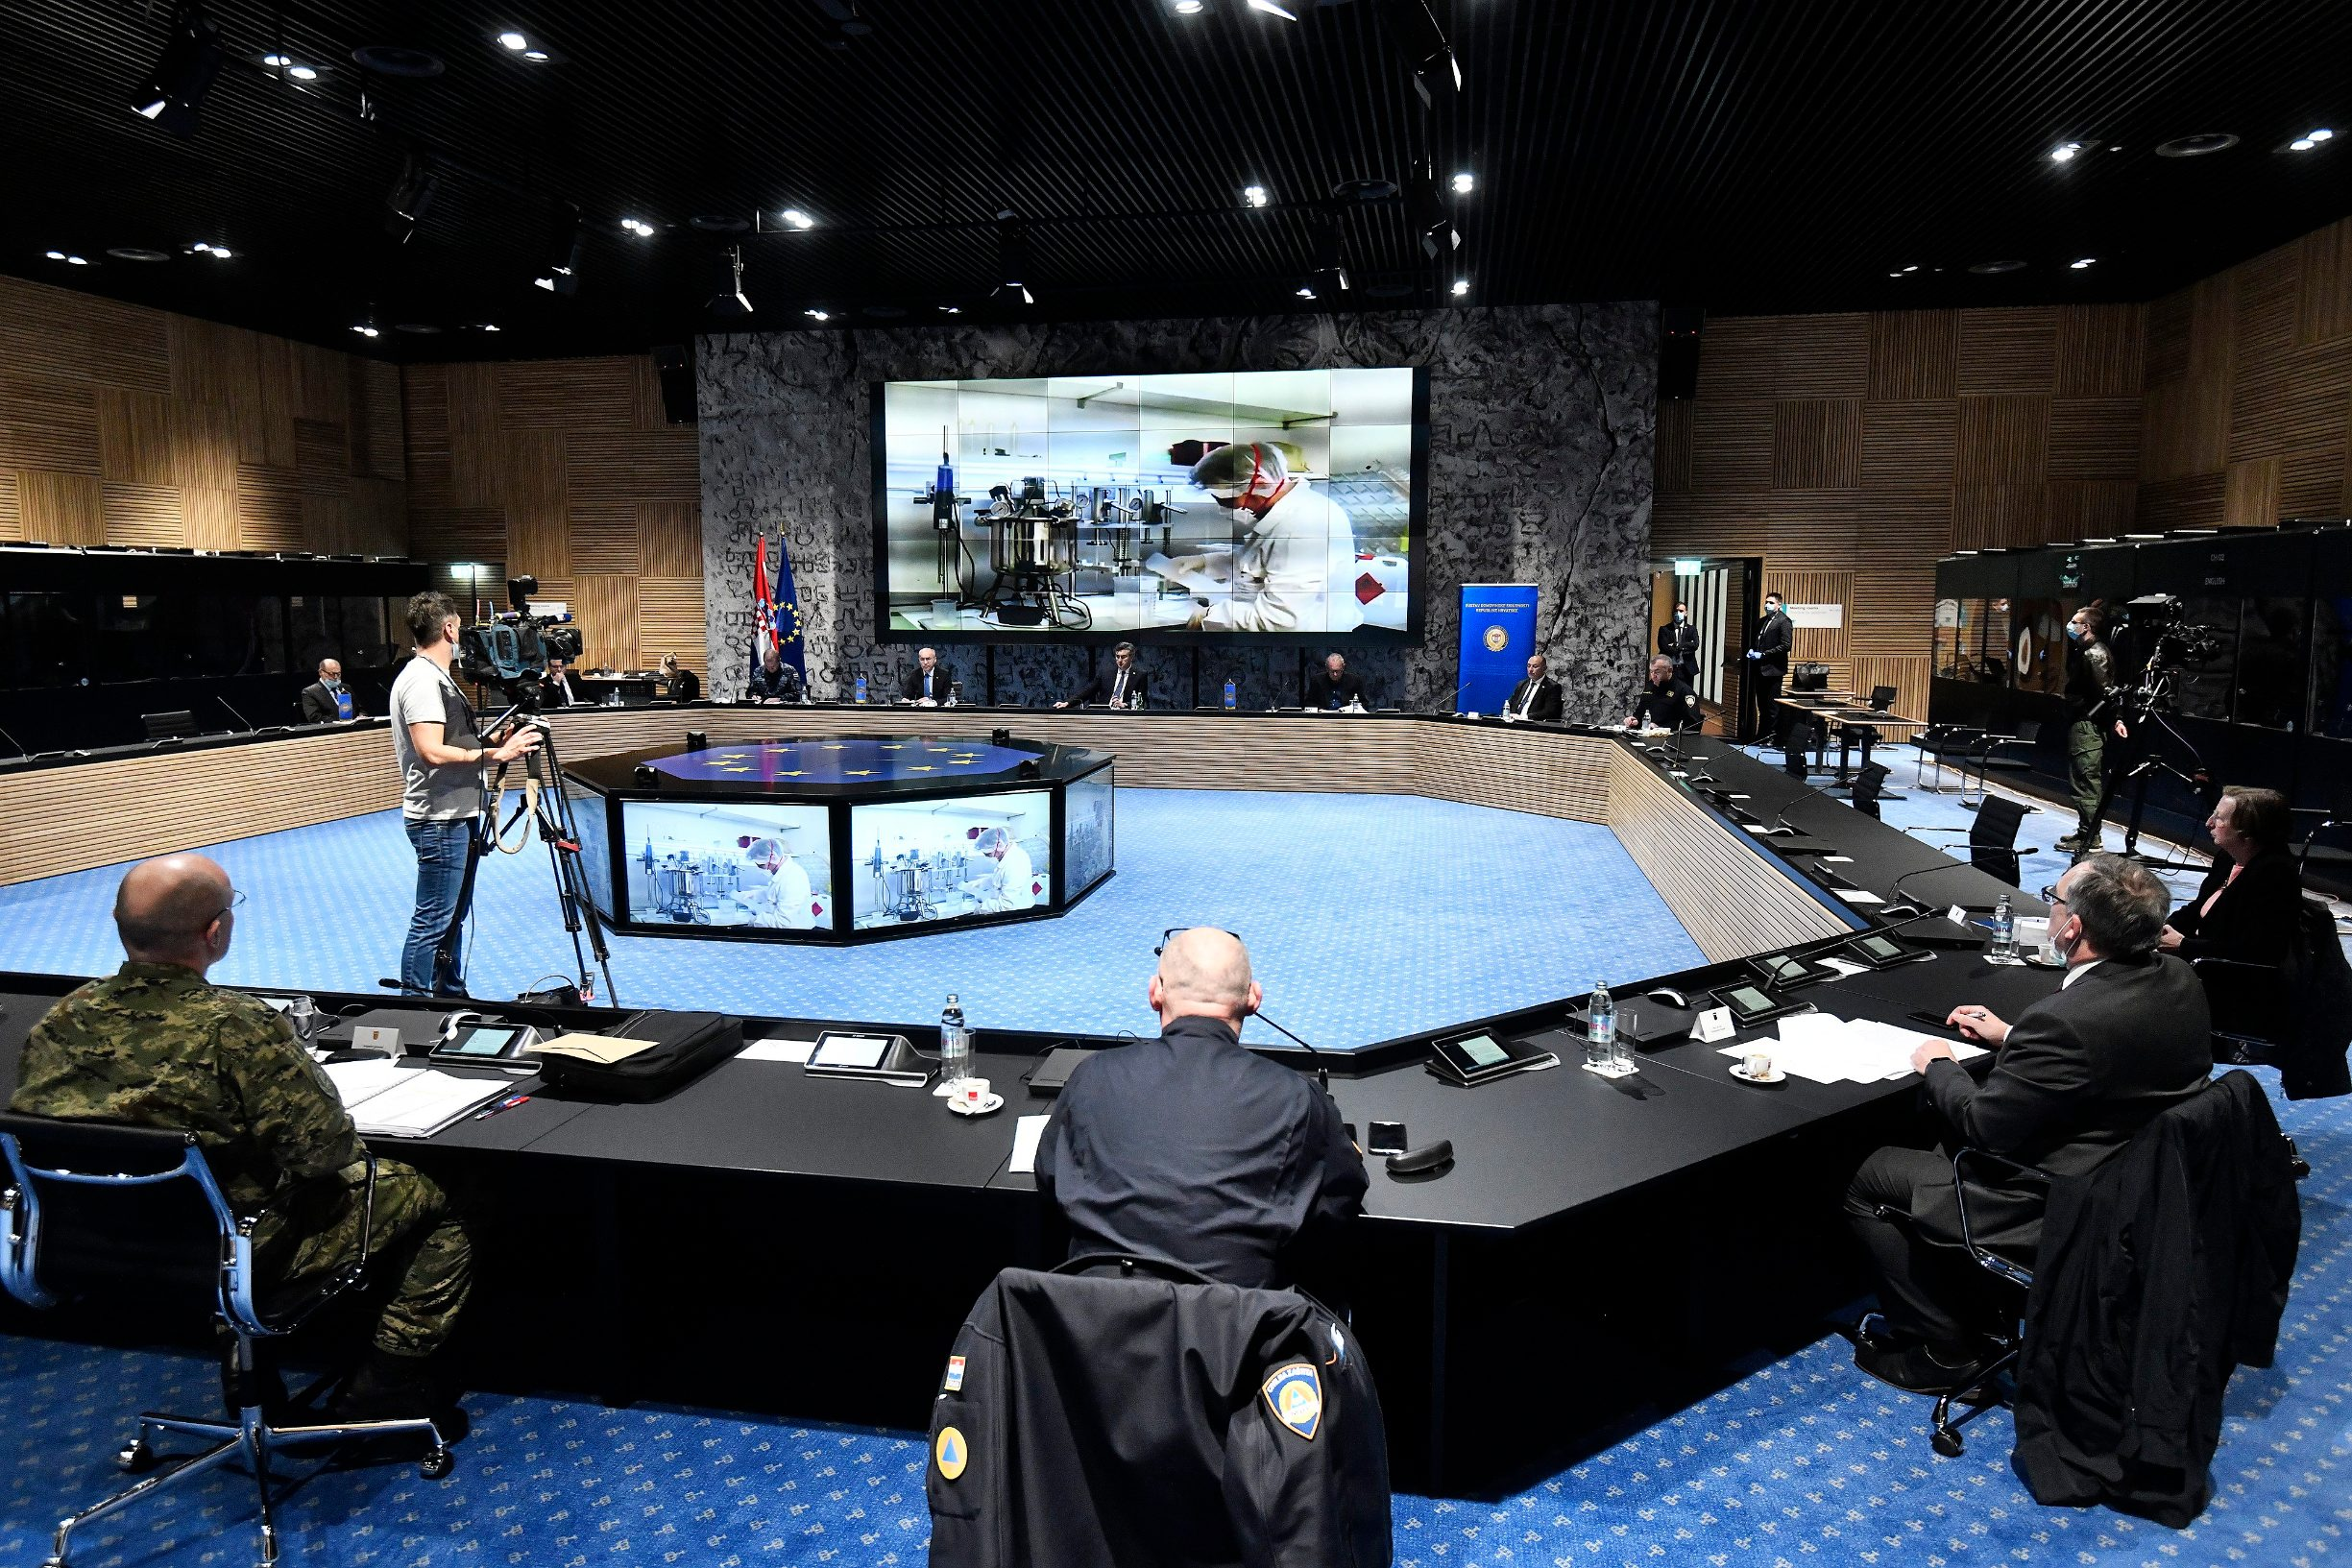 Zagreb, 080420. Sjednica Koordinacije za sustav domovinske sigurnosti u NSK. Foto: Boris Kovacev / CROPIX